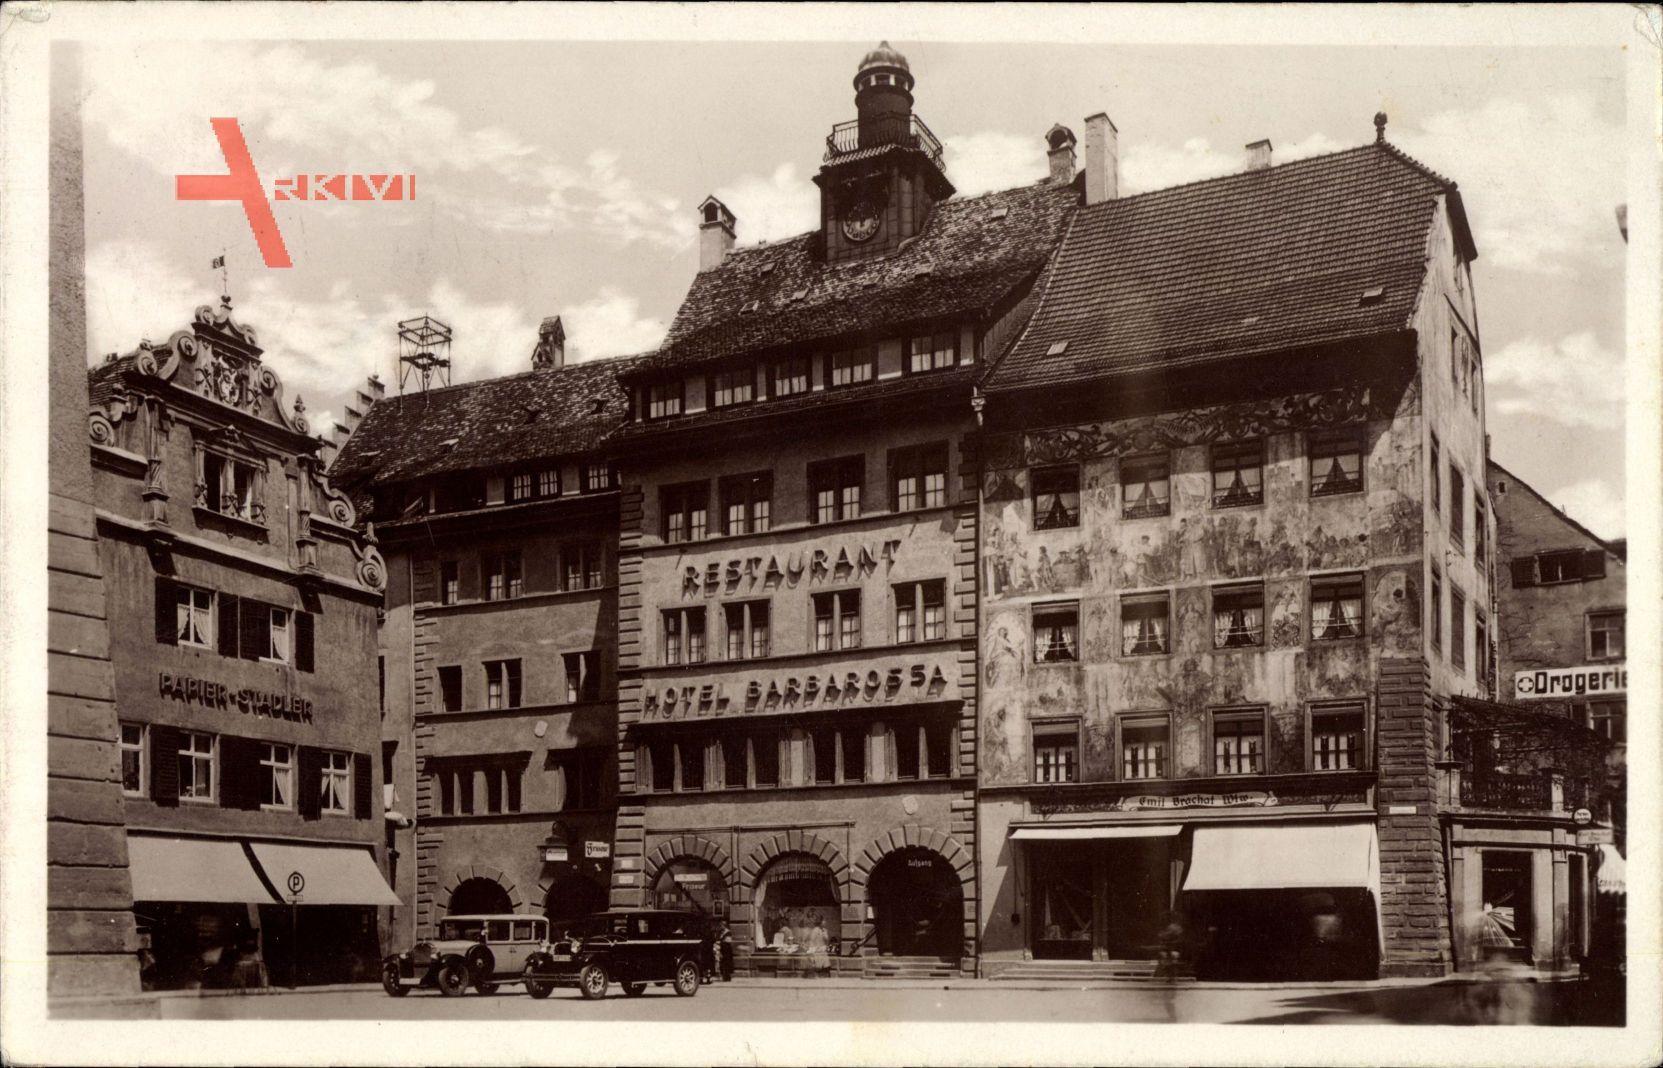 Konstanz am Bodensee, Historisches Hotel Barbarossa, Papier Stadler, Autos